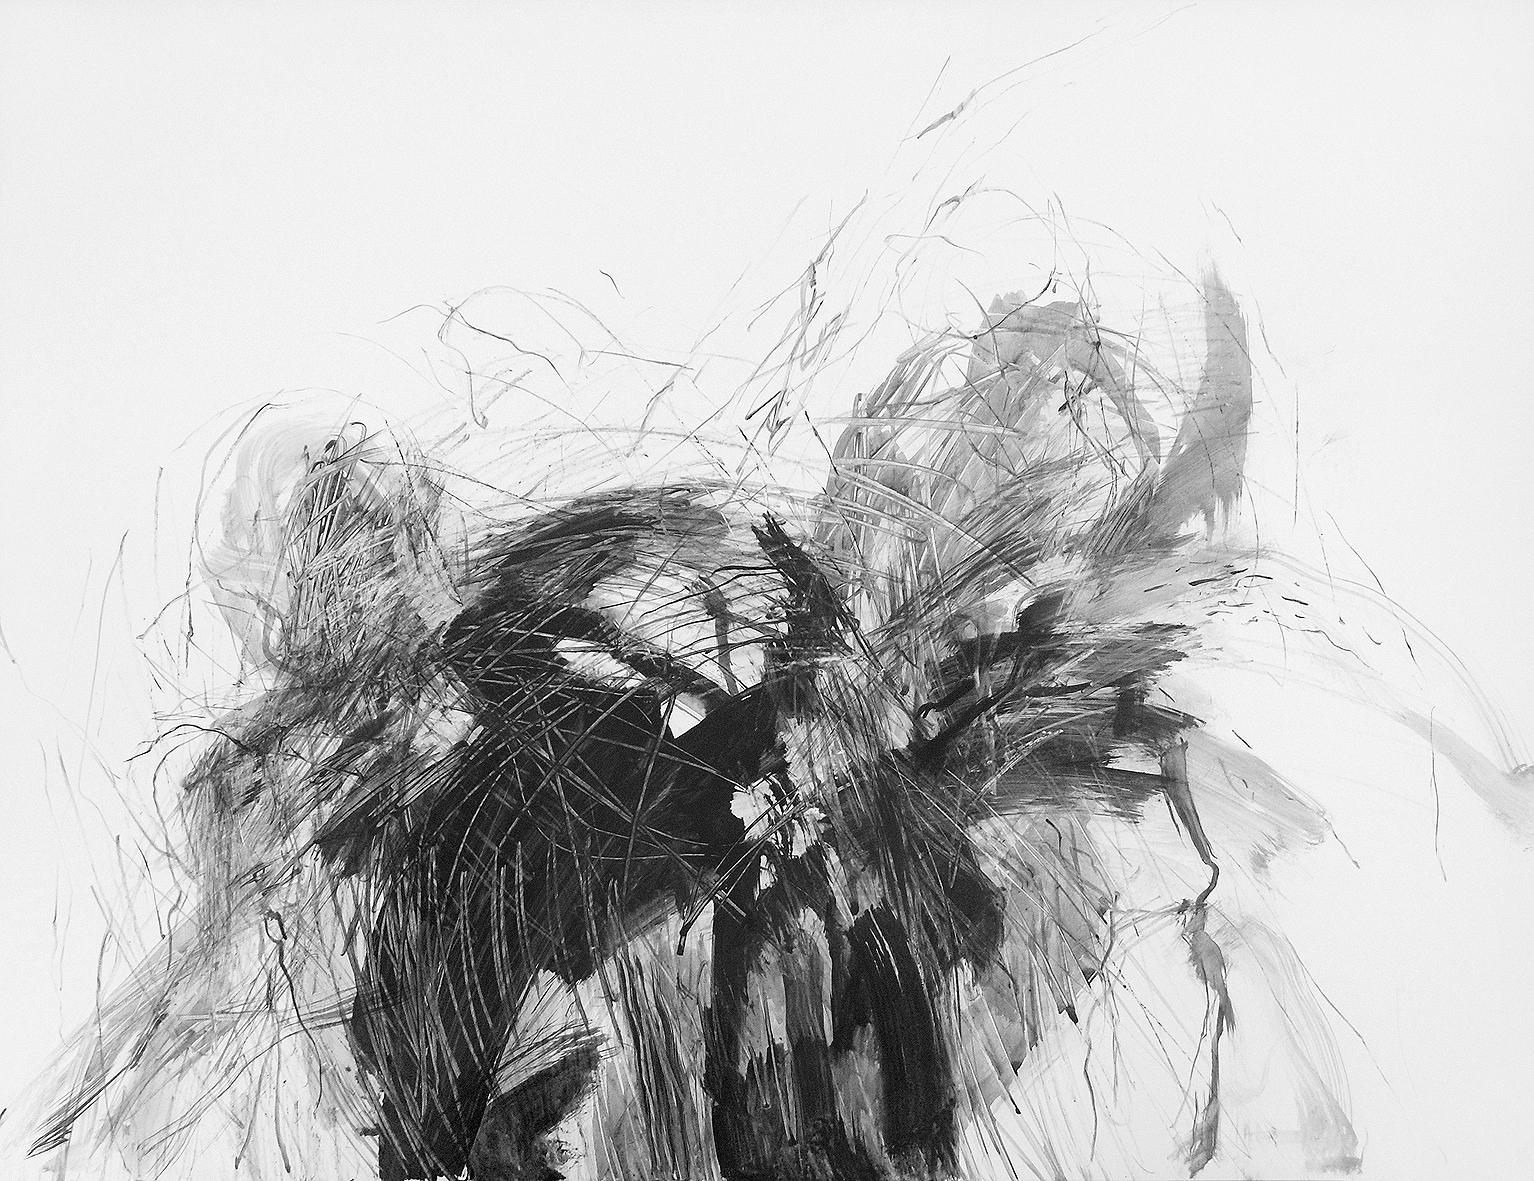 5. motiv, 50 x 60 cm, schwarze tusche/karton